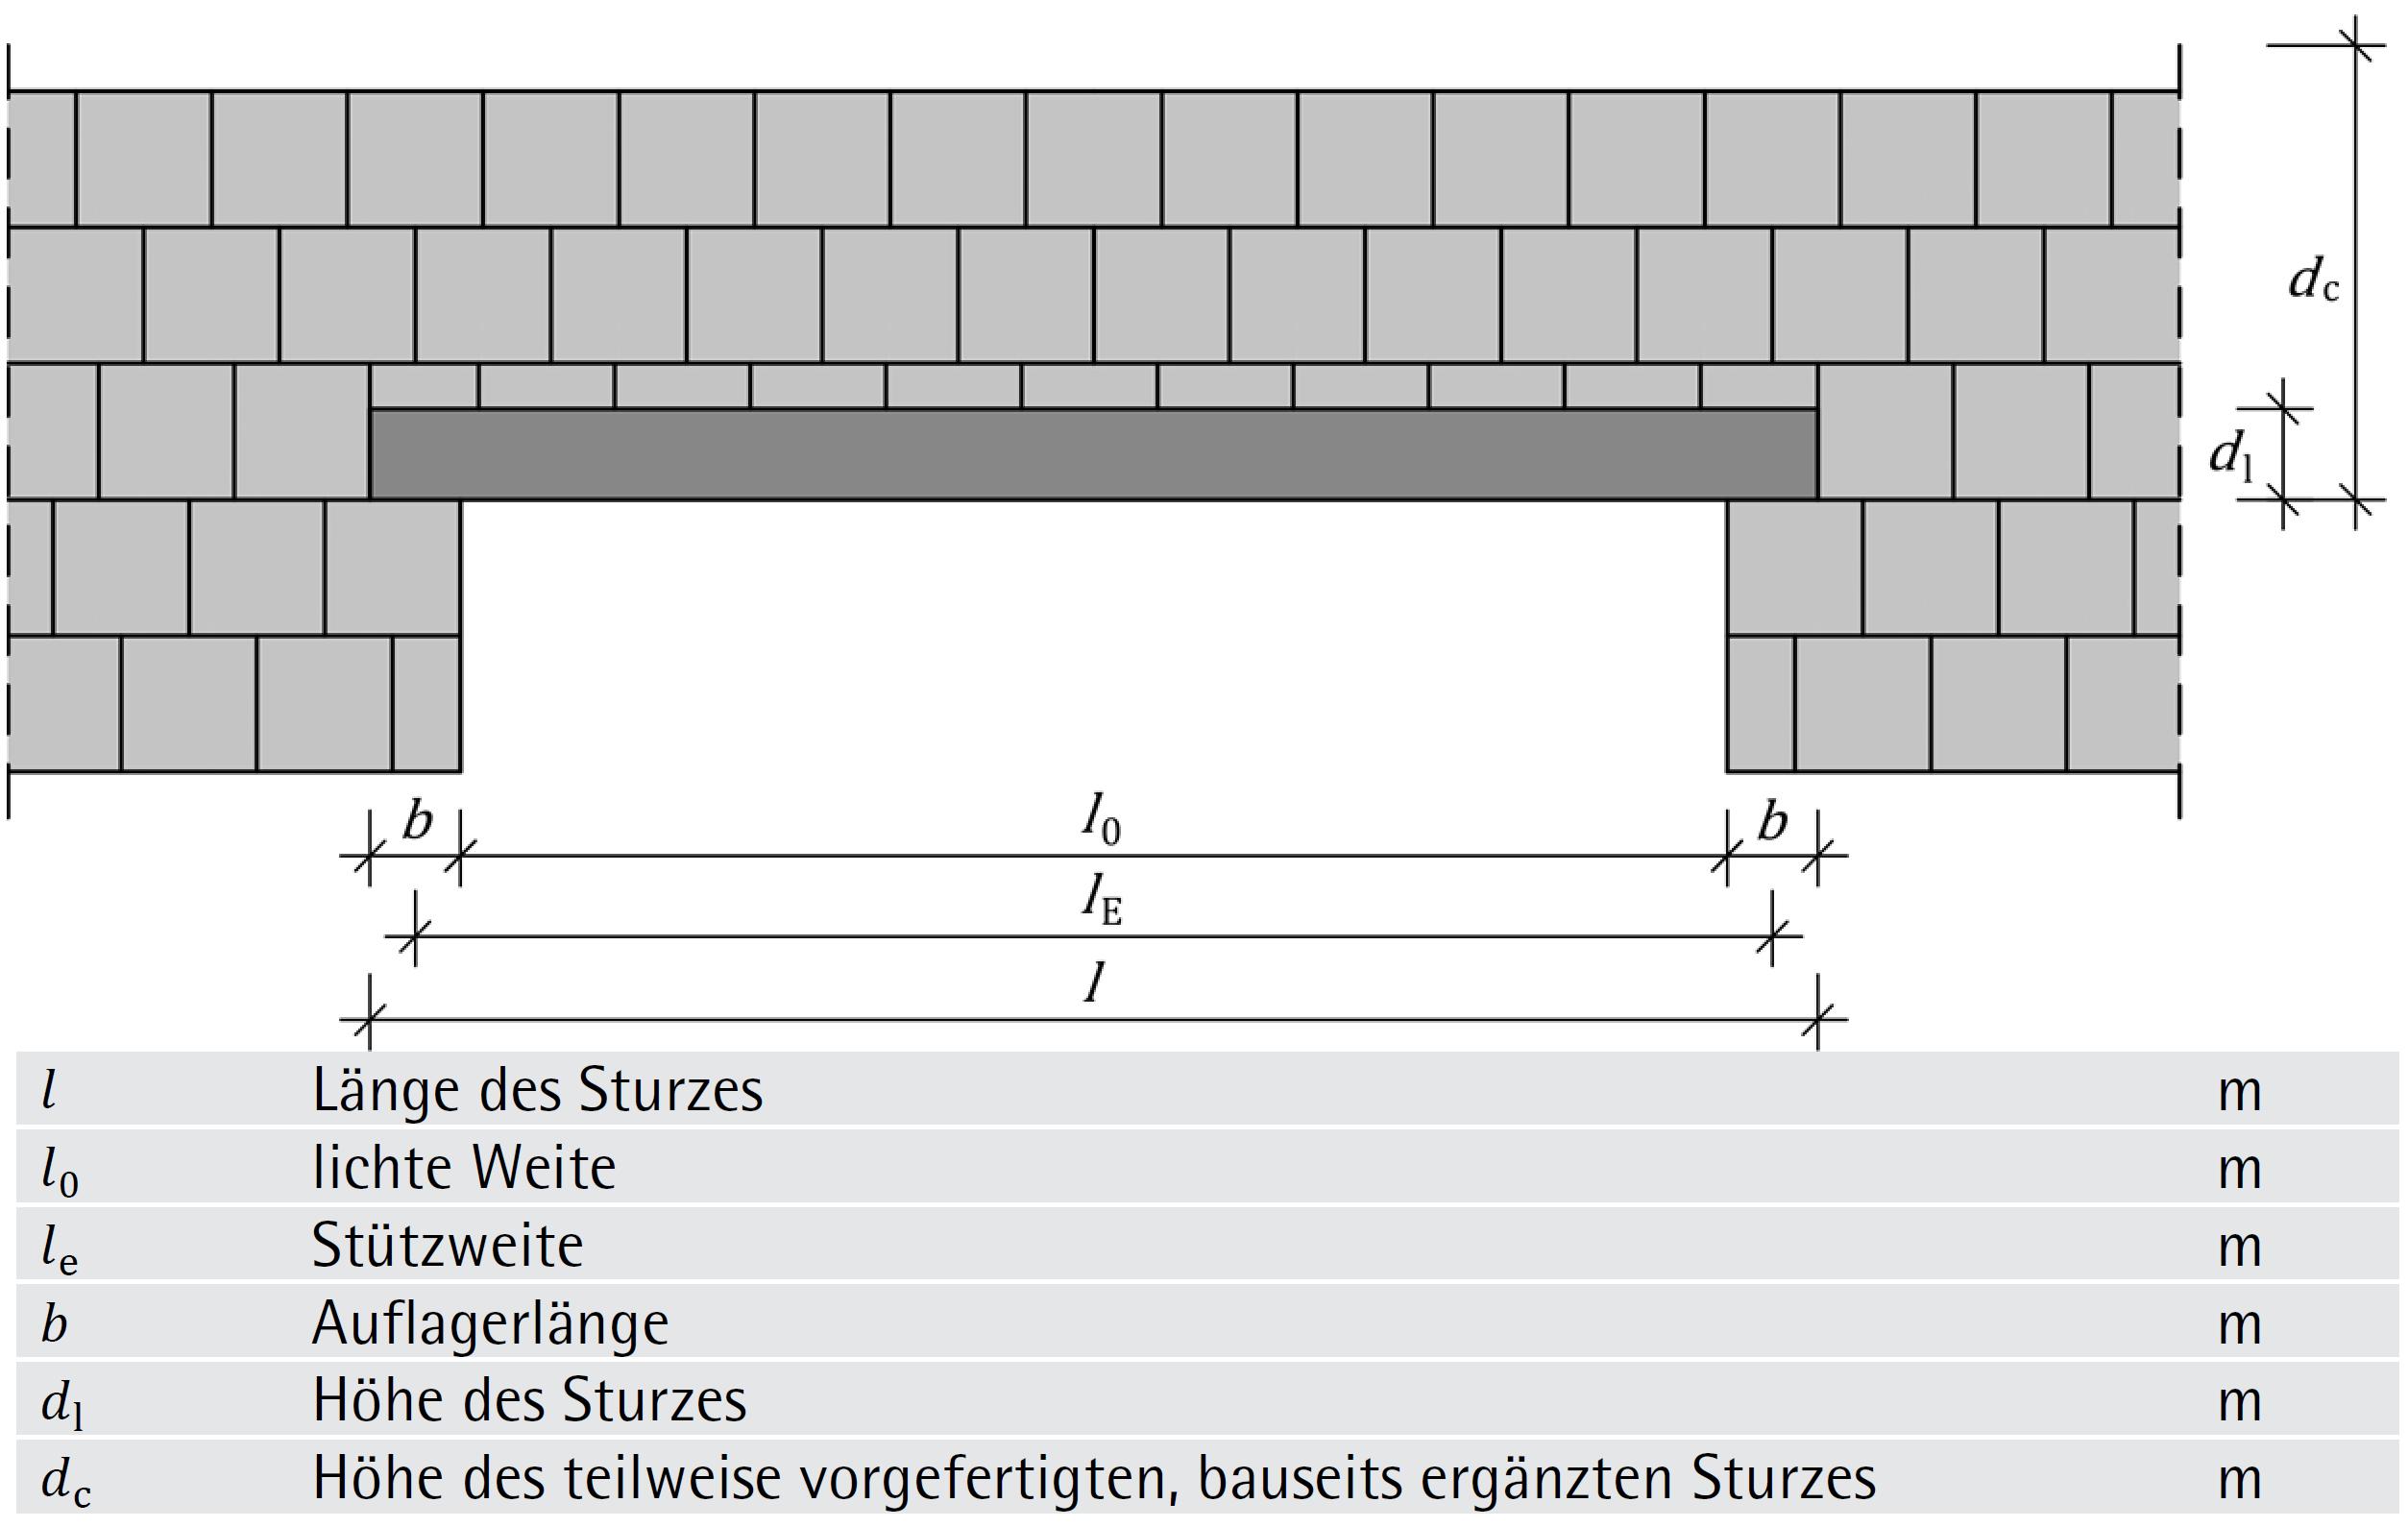 Schematische Darstellung mit Bezeichnungen bei Stürzen